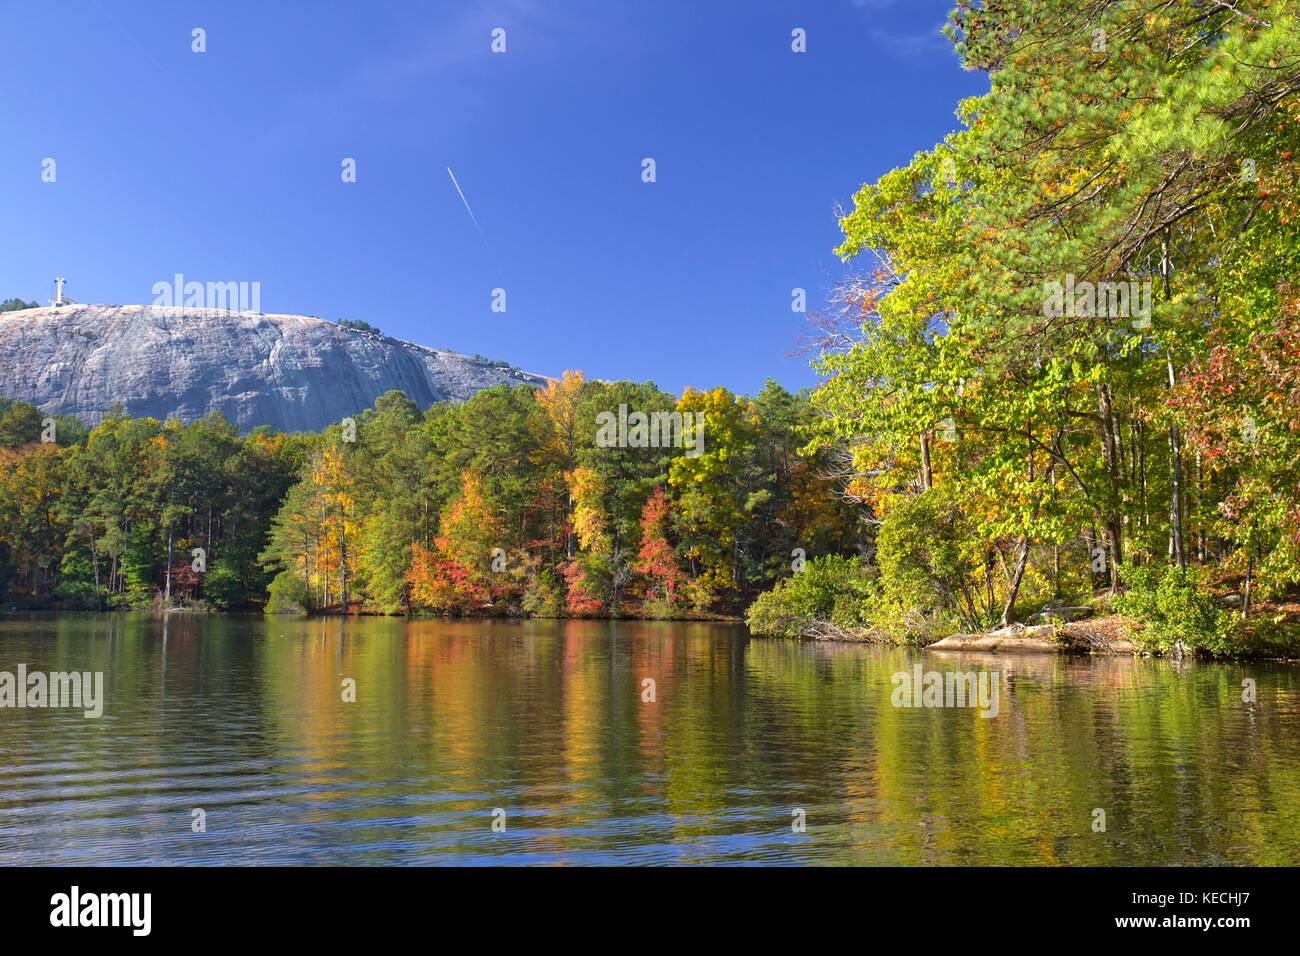 Stone Mountain park, GA in autumn foliage - Stock Image